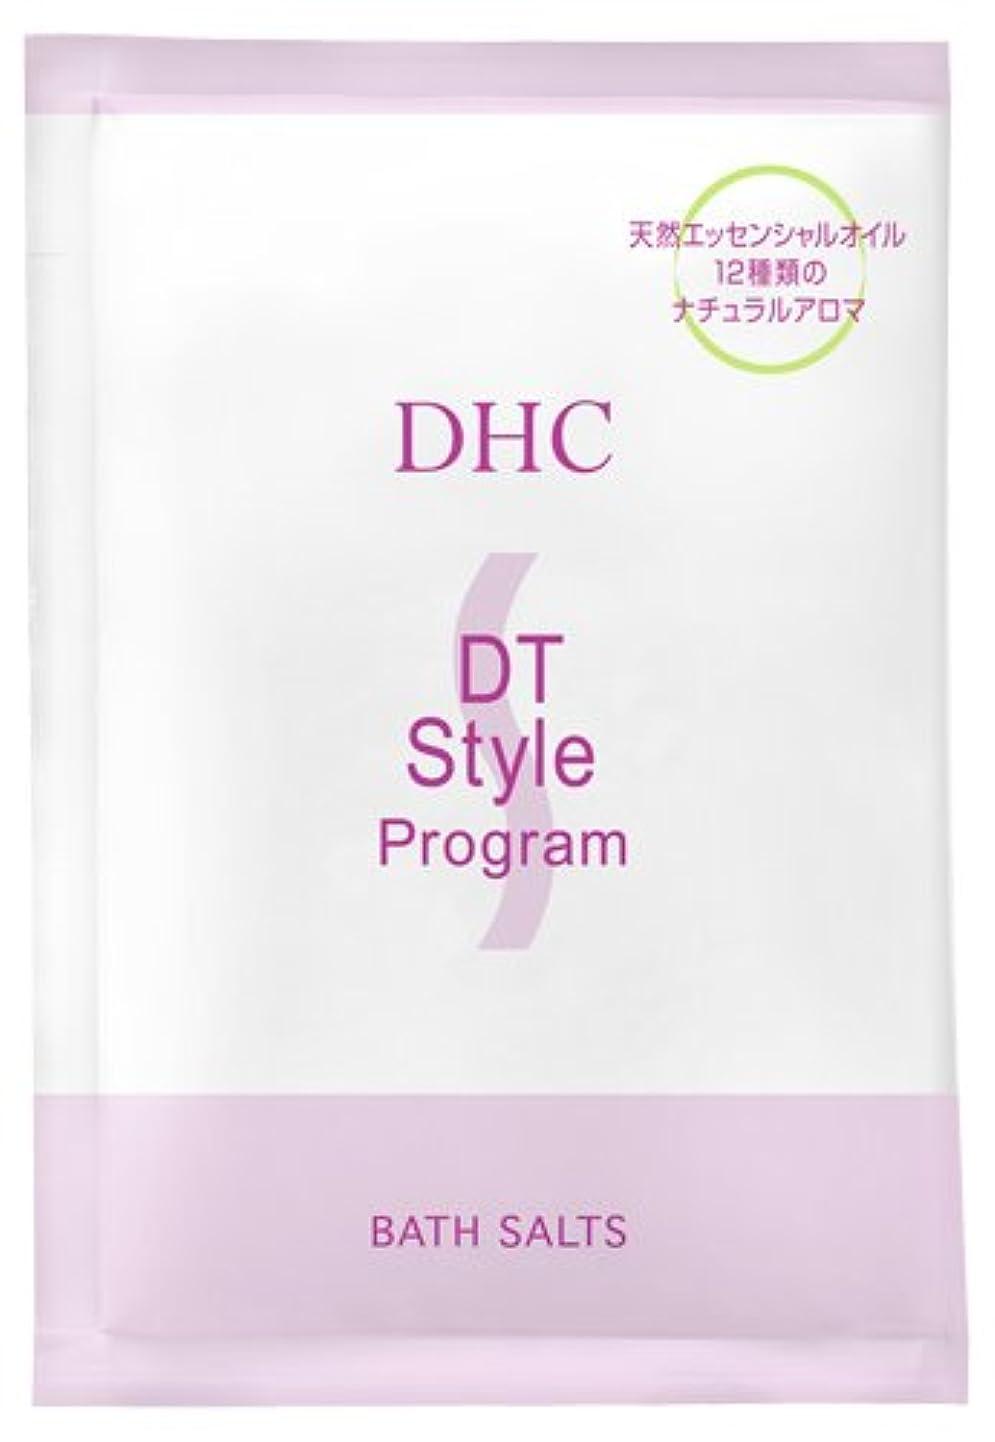 決定するグレートバリアリーフライセンスDHC DSバス&ソルト(浴用化粧料)